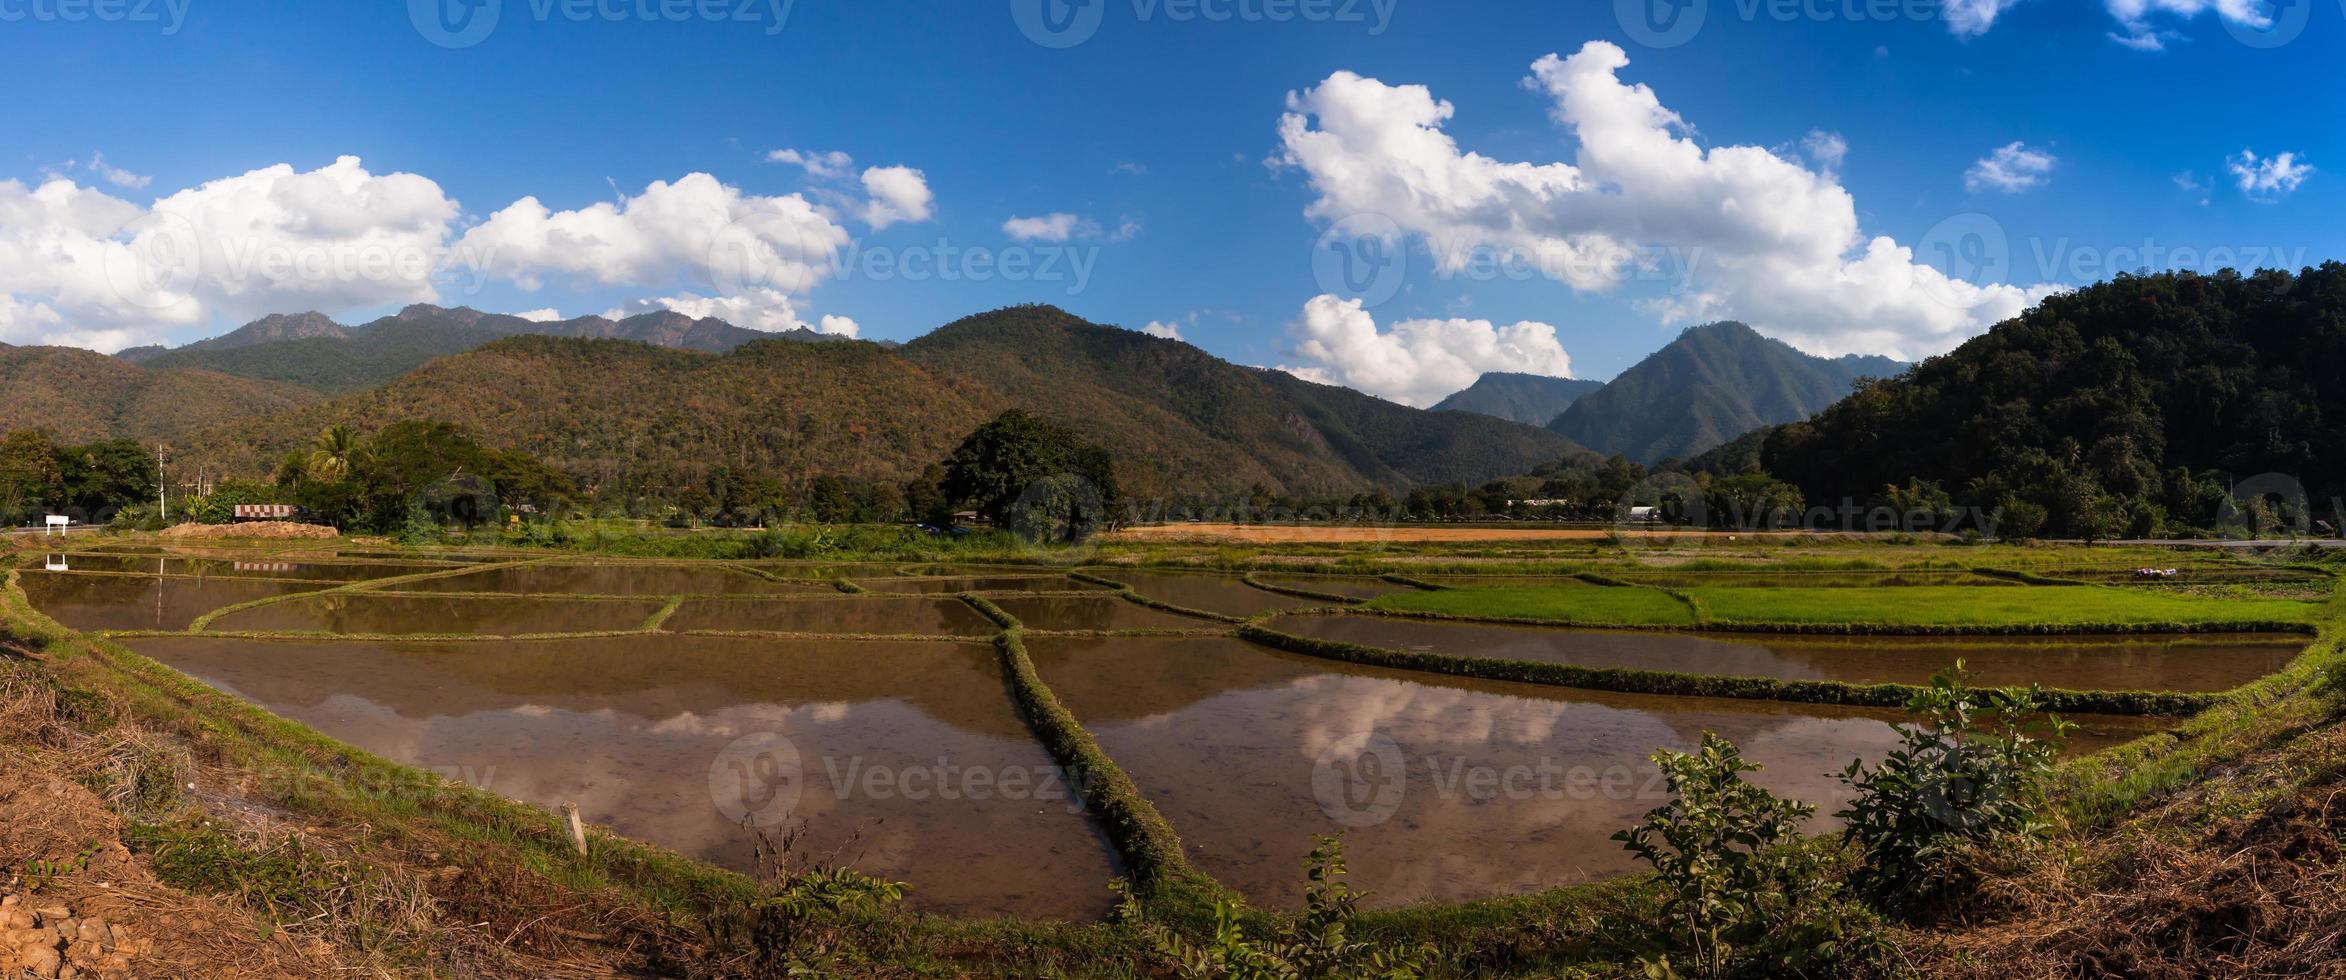 terrazza del terreno vicino alle montagne foto